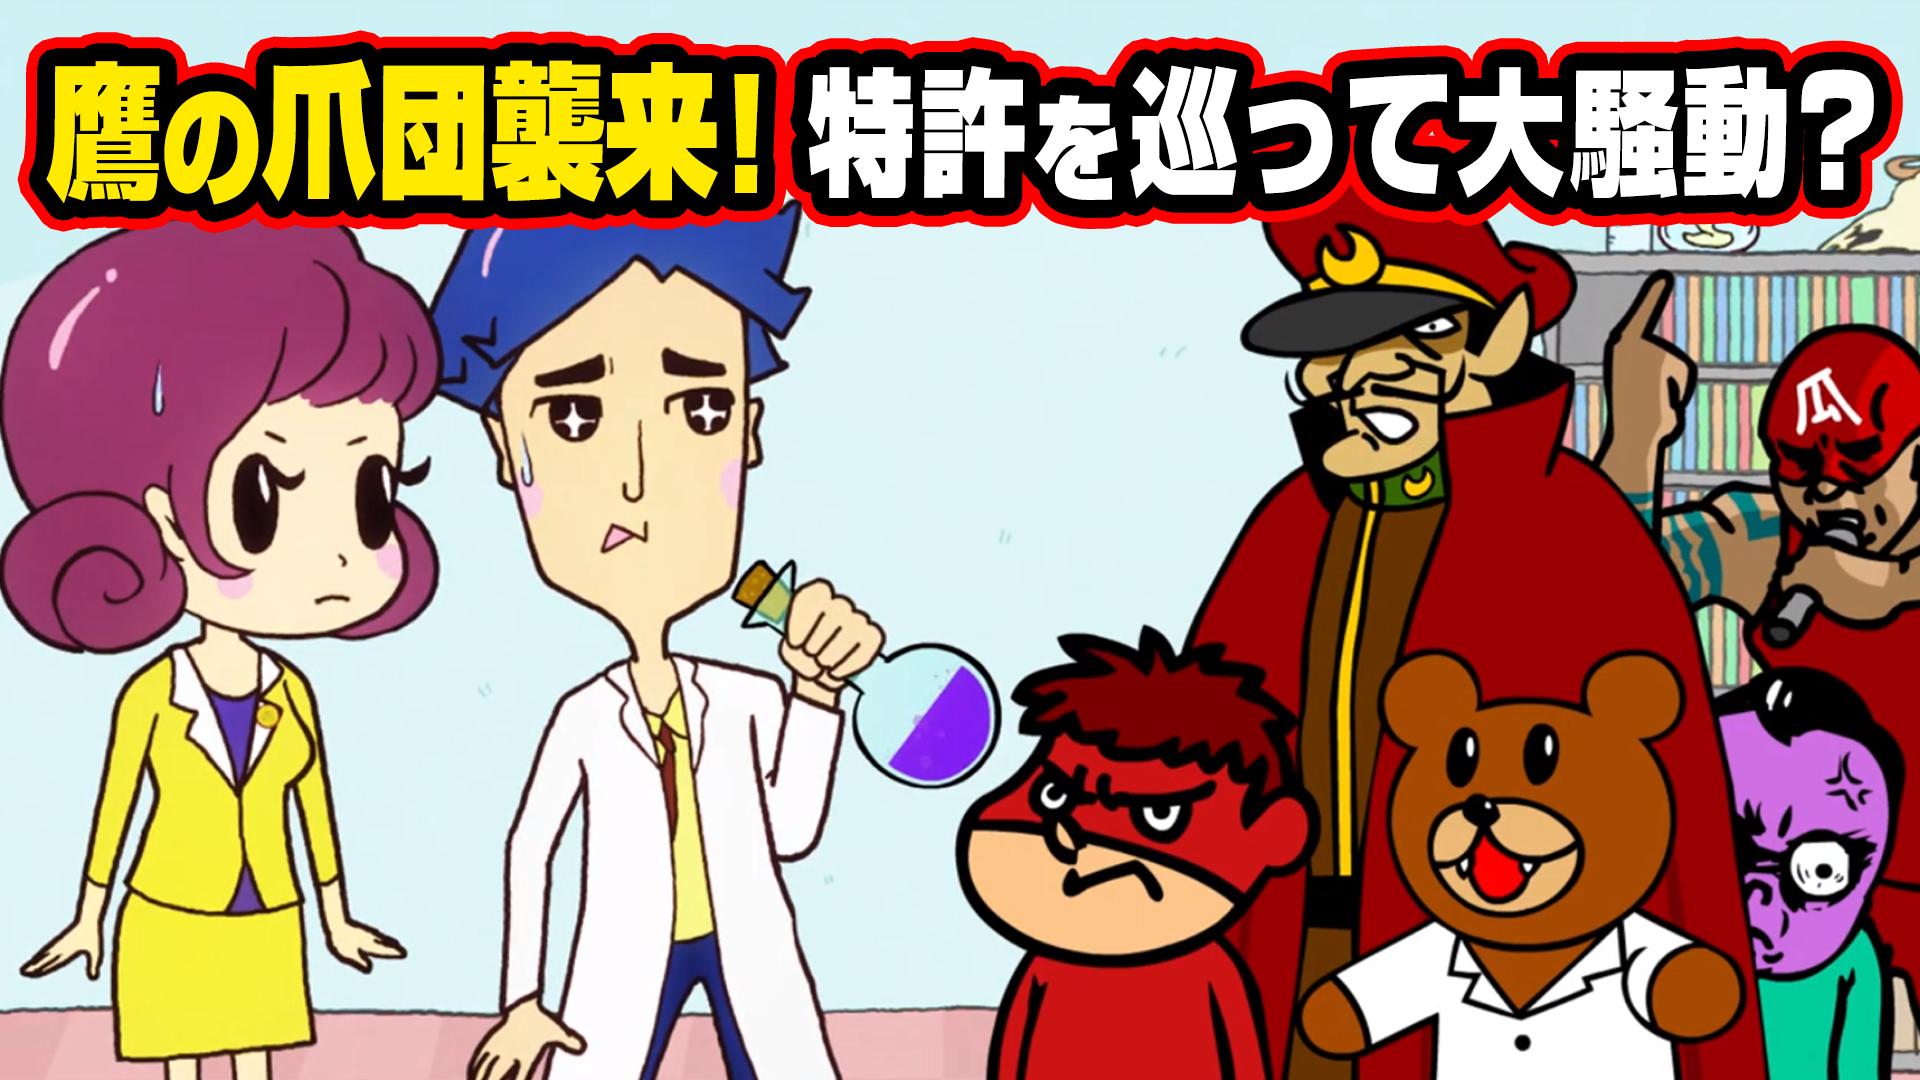 西山宏太朗と土師亜文が出演する日本弁理士会のオリジナルアニメ『発明王 ニバン・センジ』と『秘密結社 鷹の爪』がコラボ!コラボ動画が公開されました!